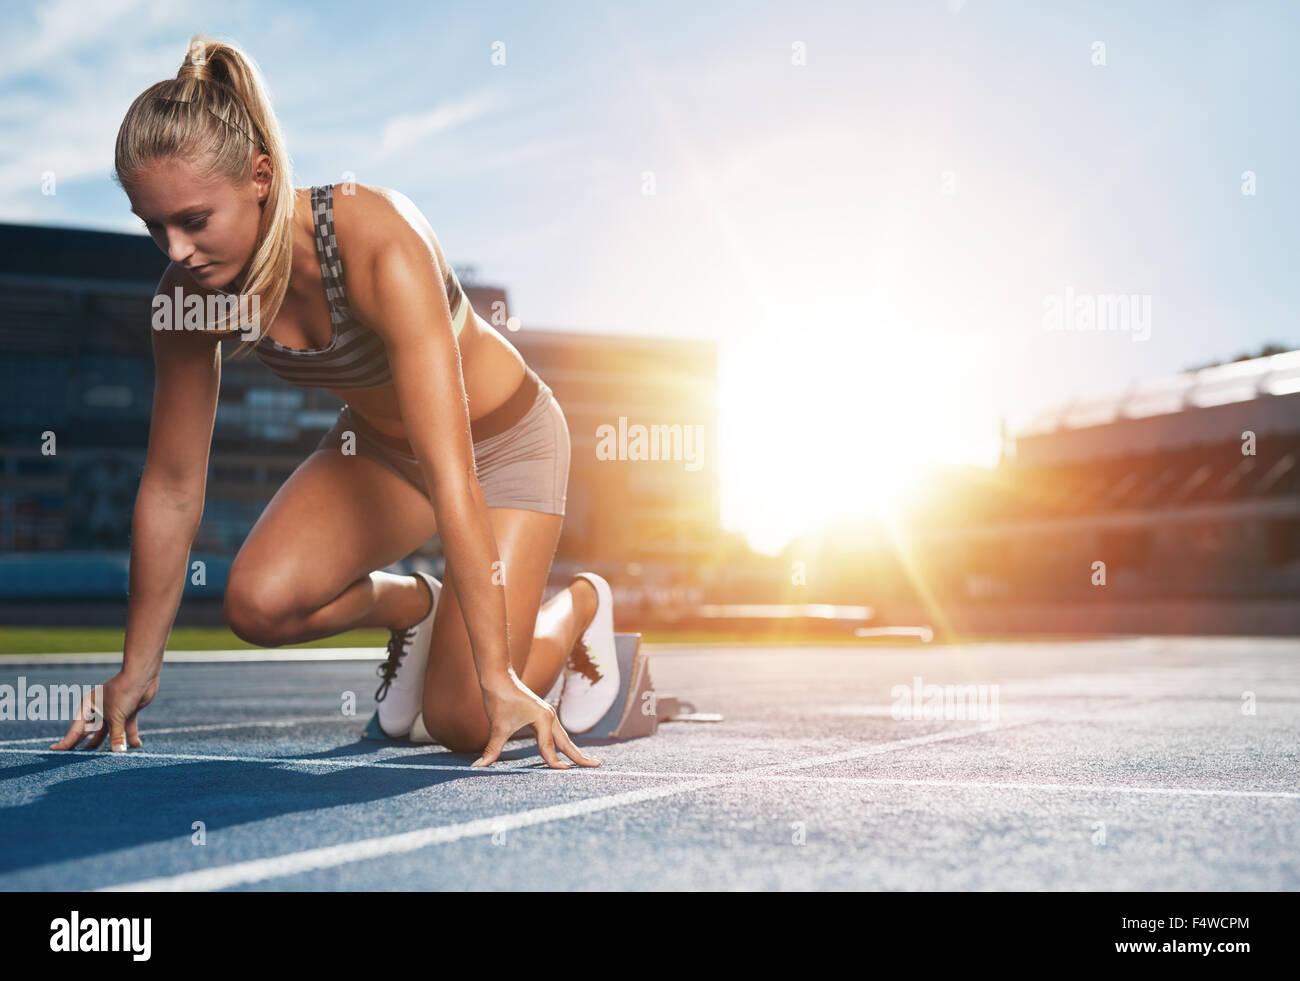 Junge Sportlerin in Ausgangsposition bereit, ein Rennen zu starten. Weibliche Sprinter bereit für sportliche Stockbild